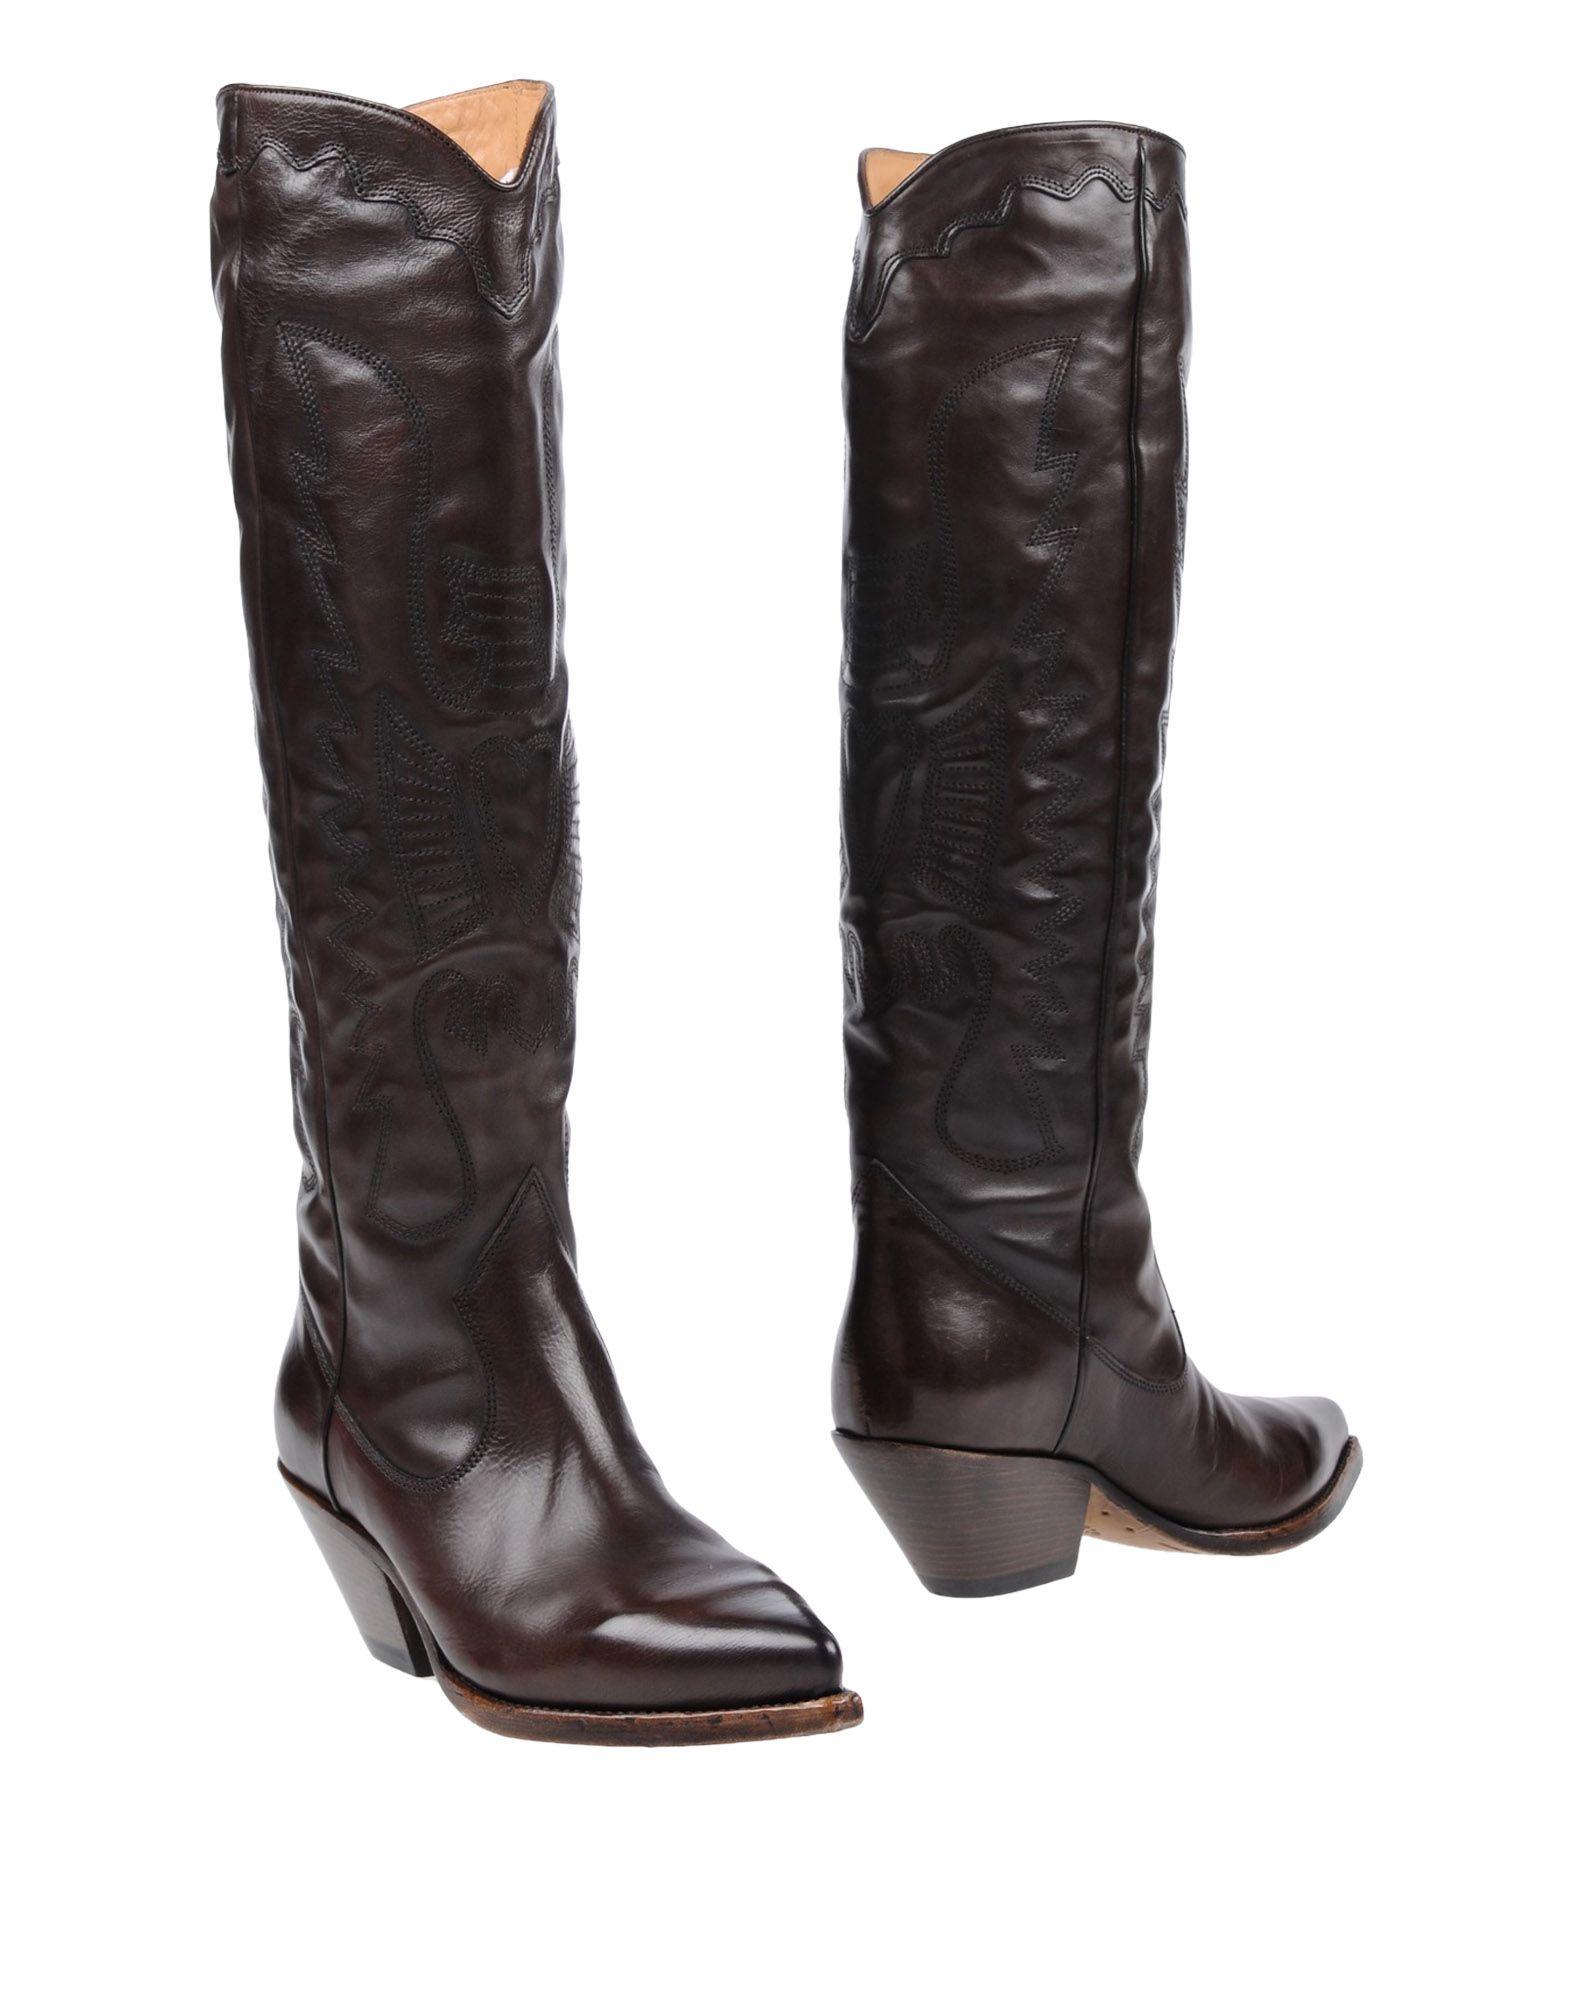 Buttero® Stiefel Preis-Leistungs-Verhältnis, Damen Gutes Preis-Leistungs-Verhältnis, Stiefel es lohnt sich f8715a